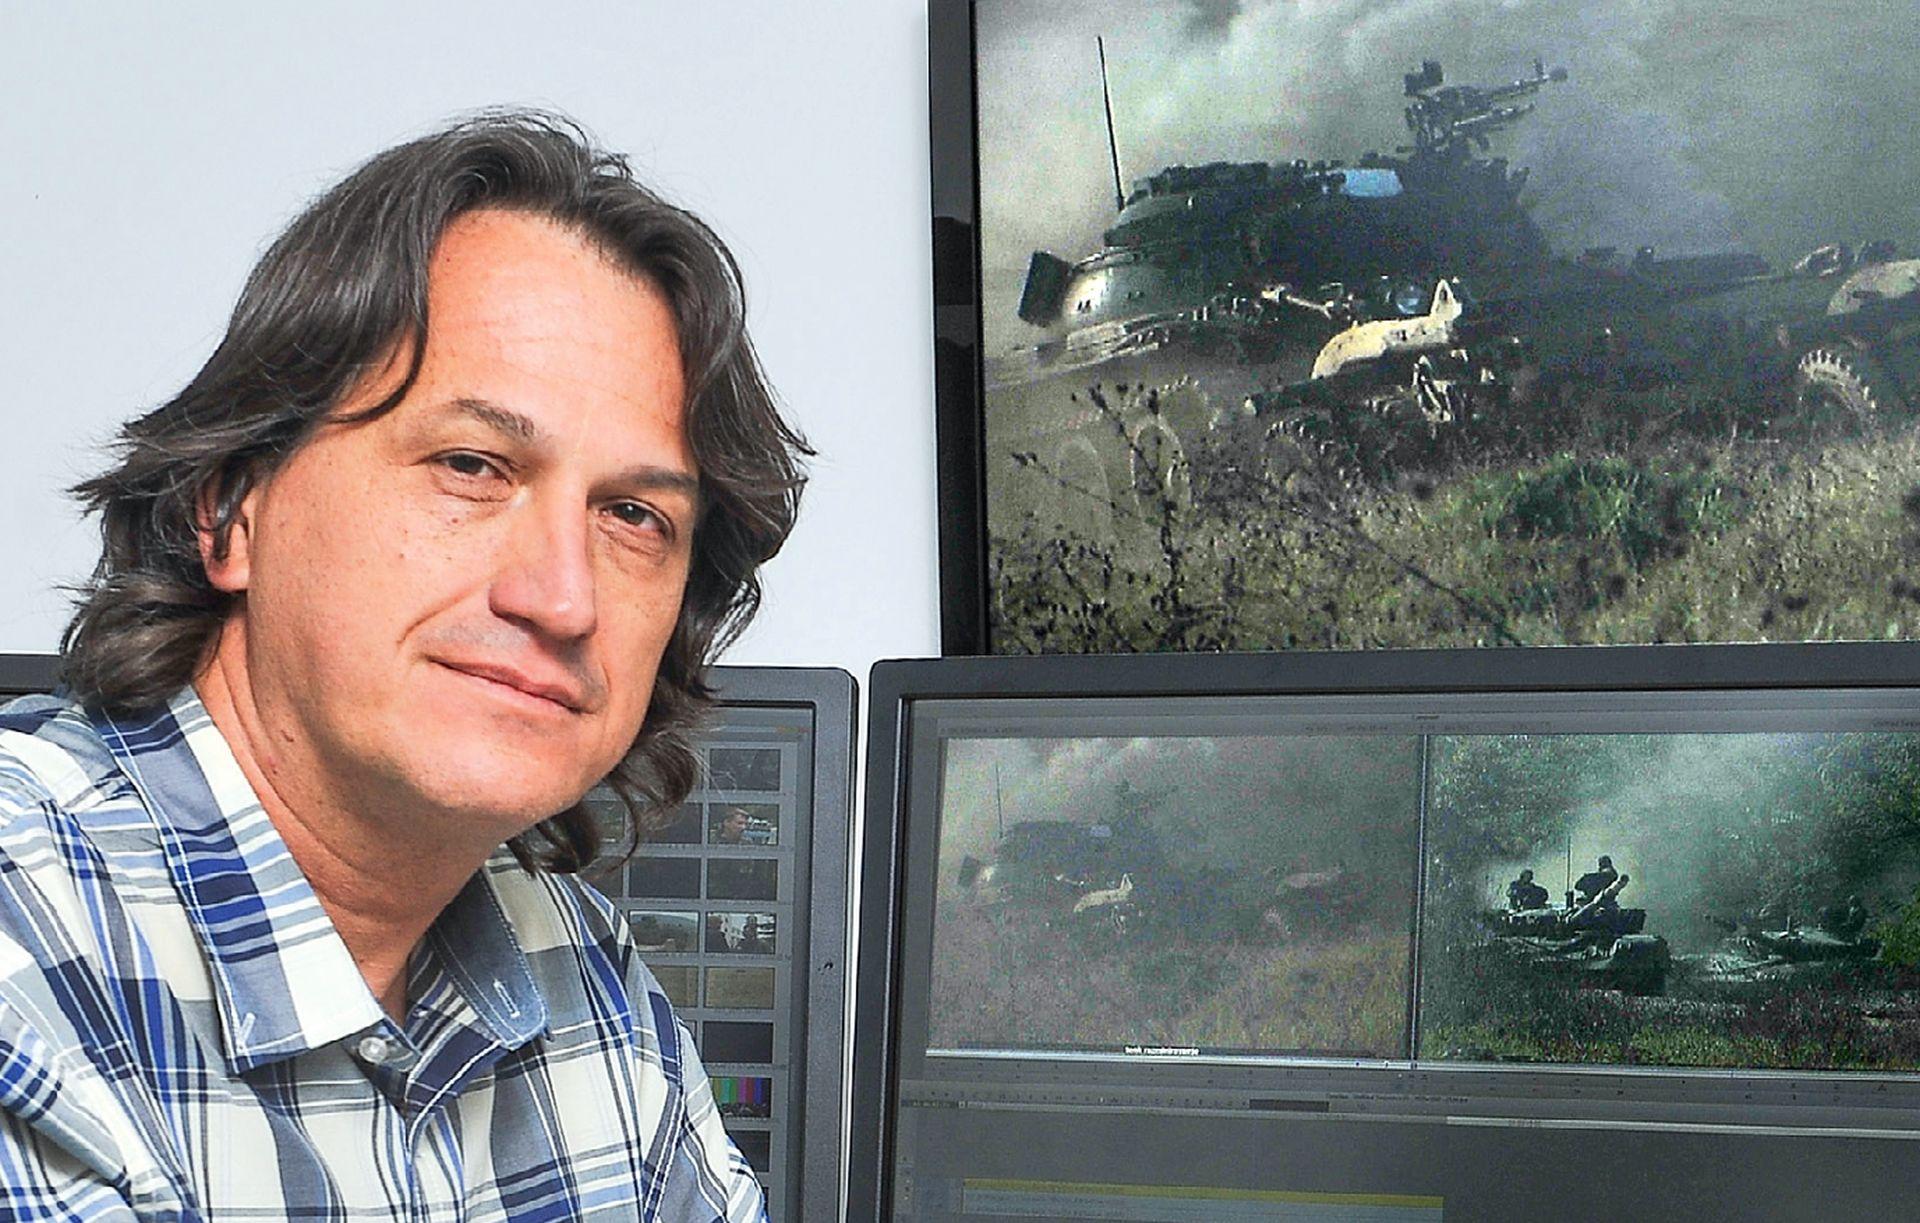 Dokumentarac HTV otkriva istinu o ulozi Amerikanaca u Oluji